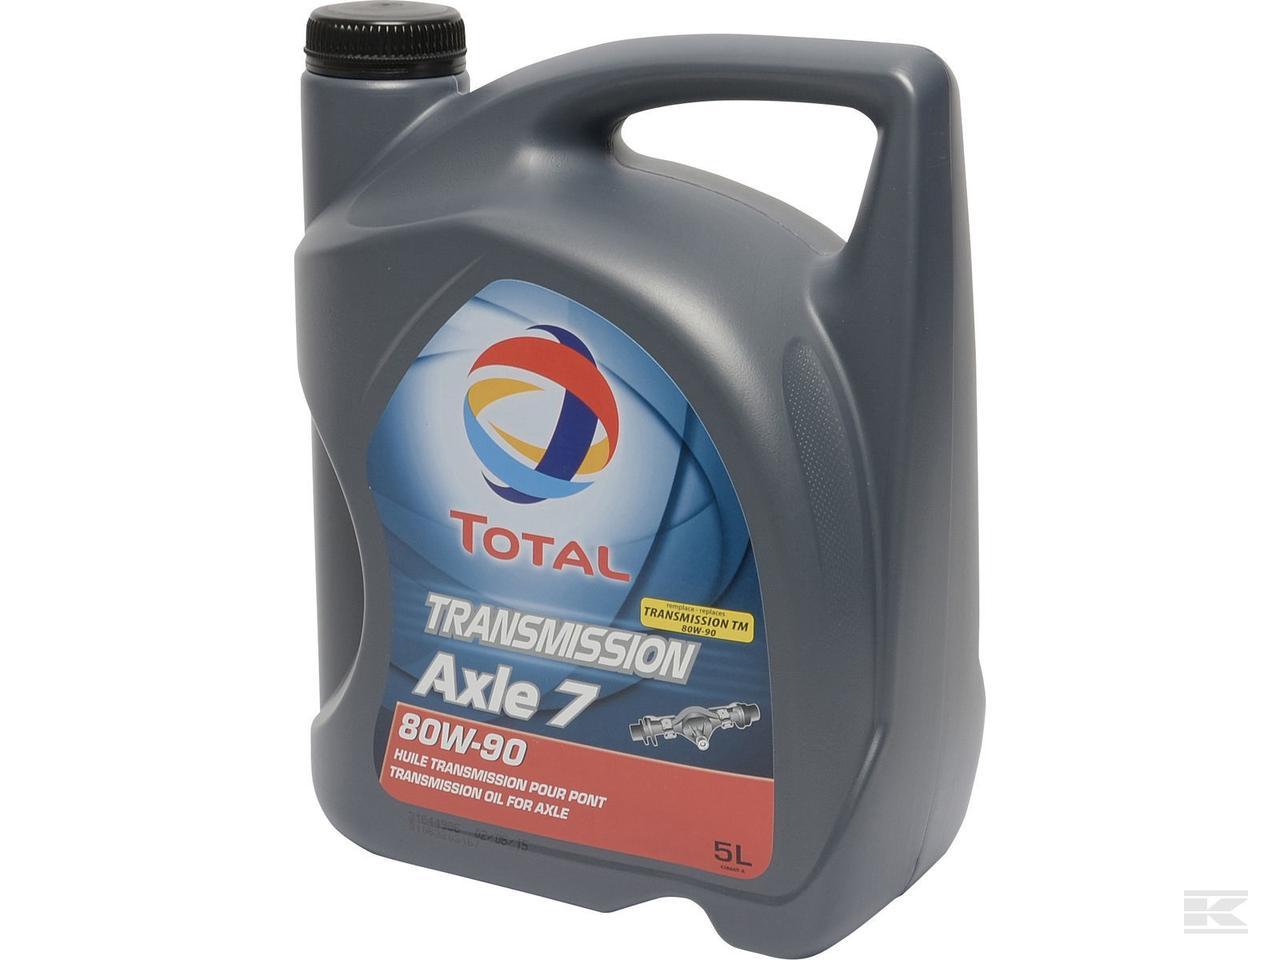 Трансмиссионное масло Total TRANSMISSION AXLE 7 80W90 5л. для Мостов, Раздаток, МКПП